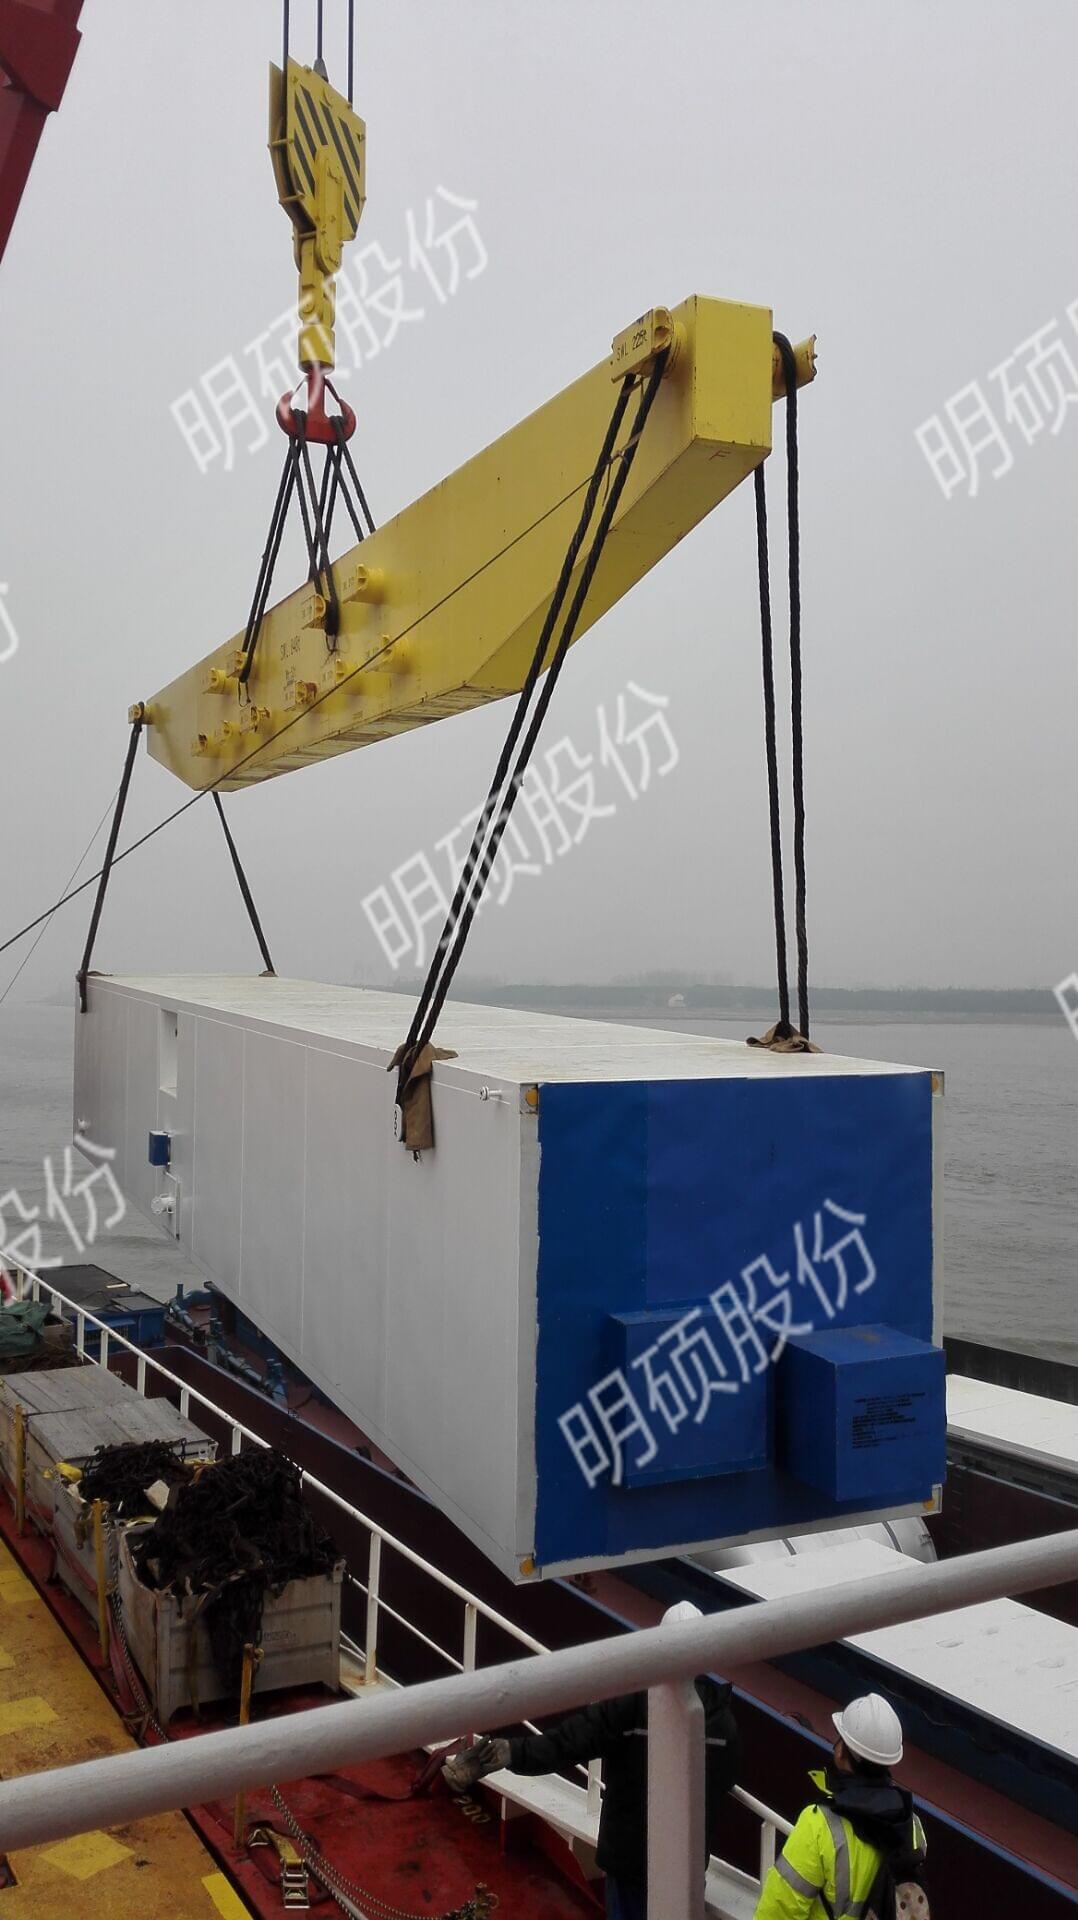 空分冷箱设备装船解决方案